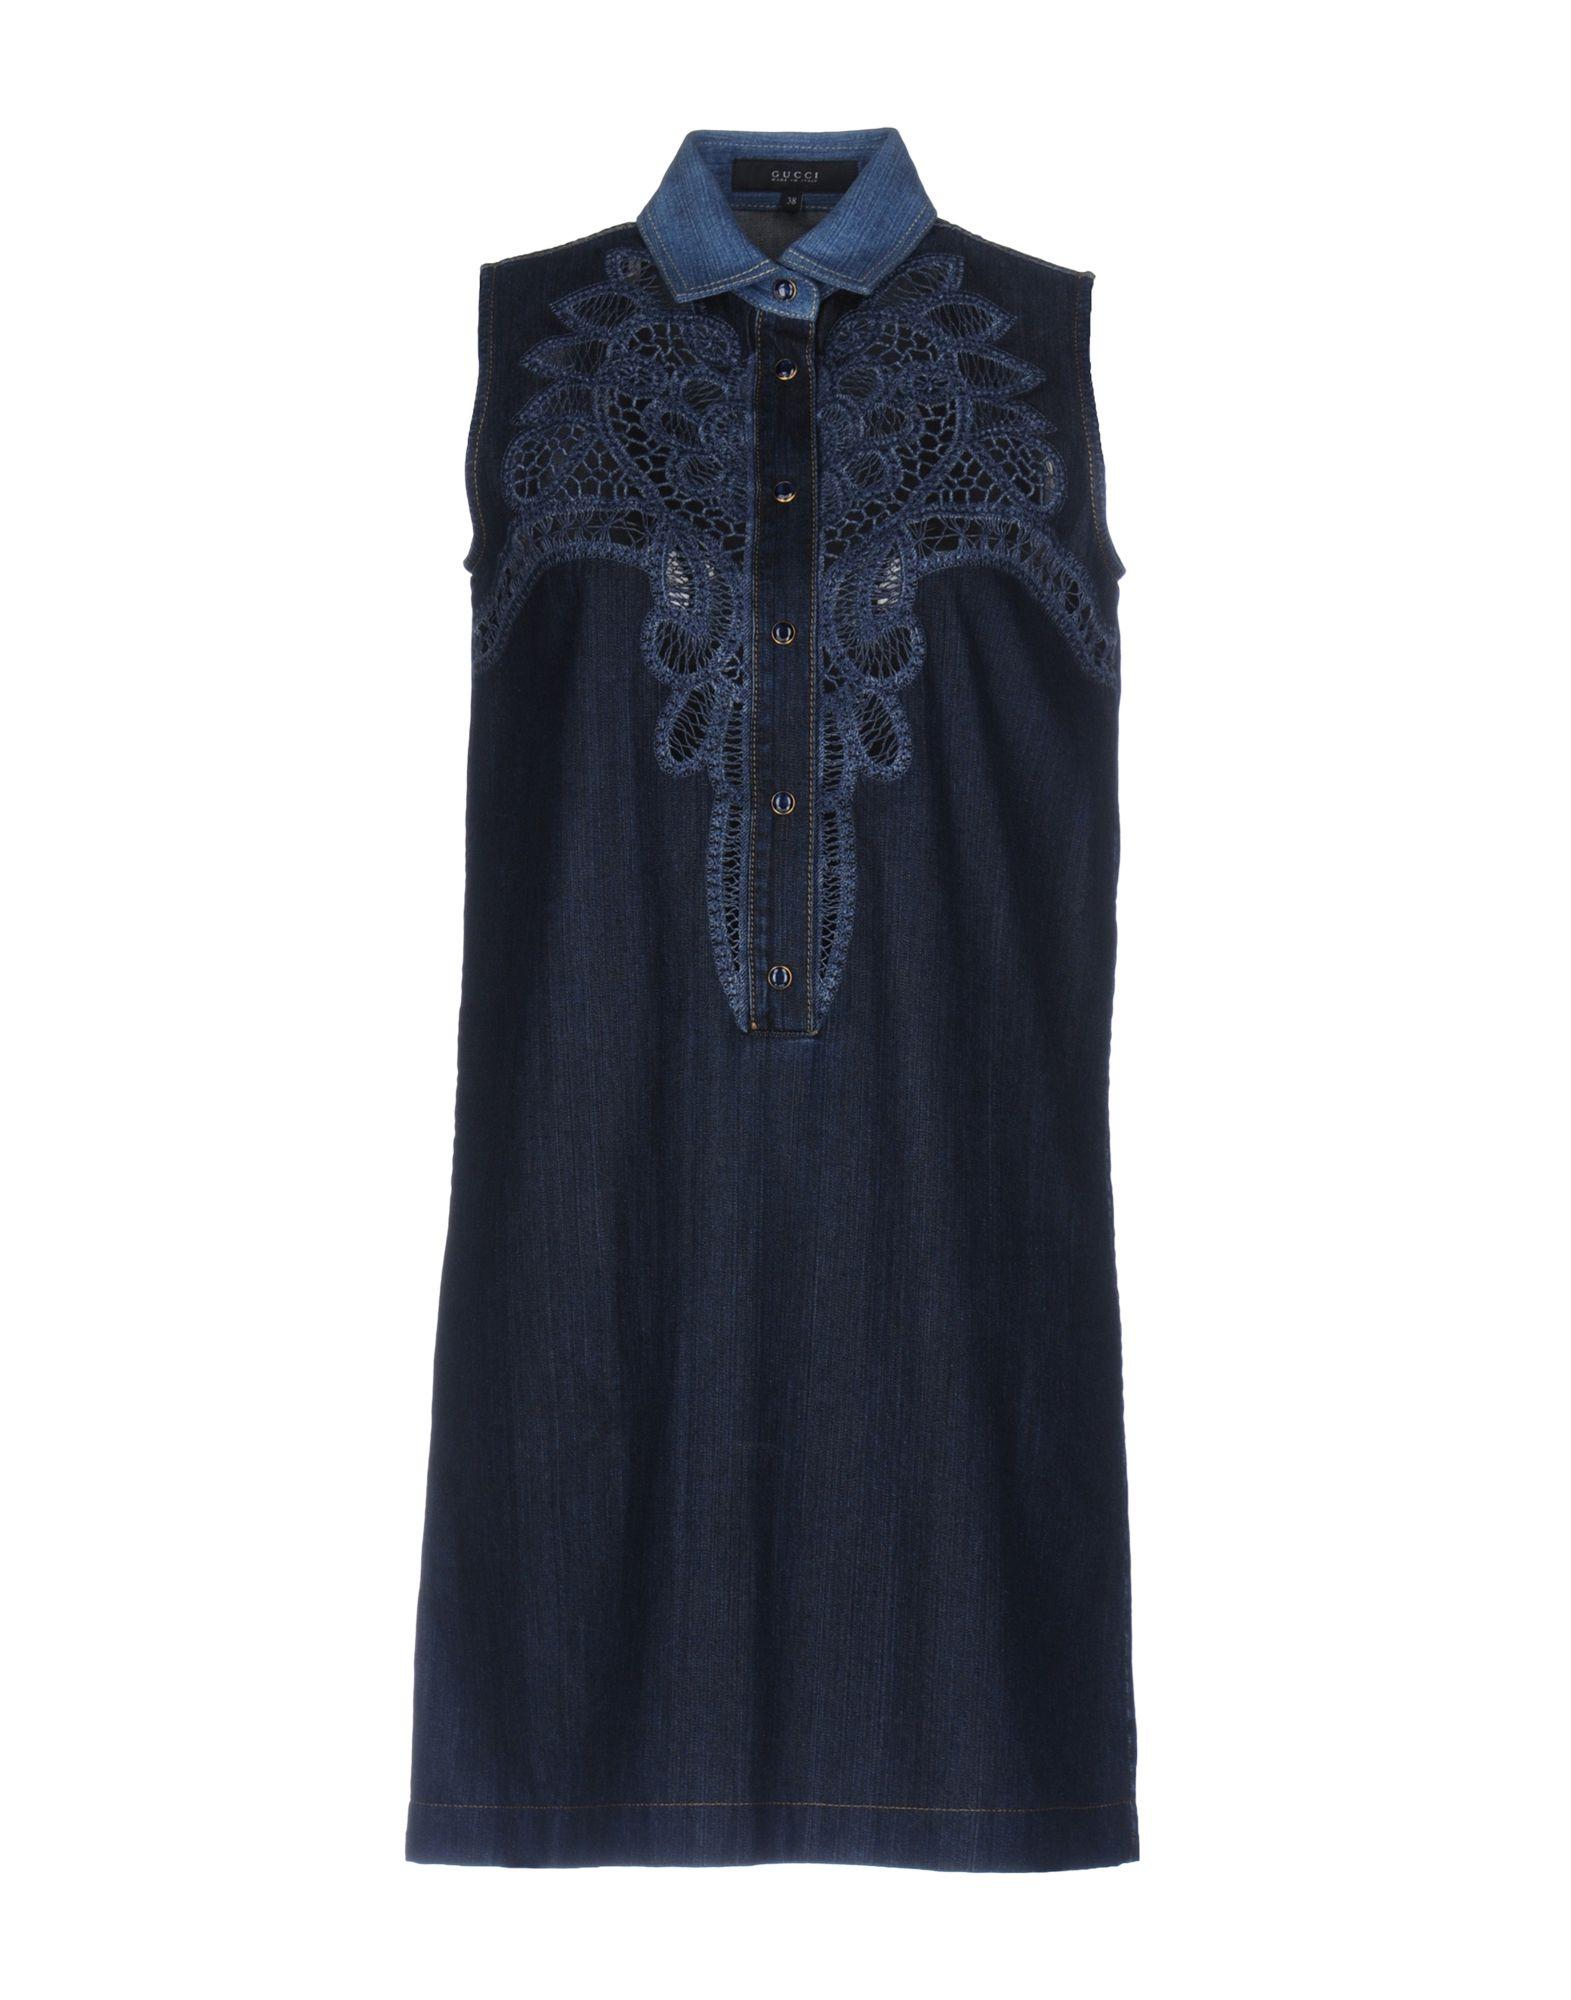 GUCCI Damen Kurzes Kleid Farbe Dunkelblau Größe 2